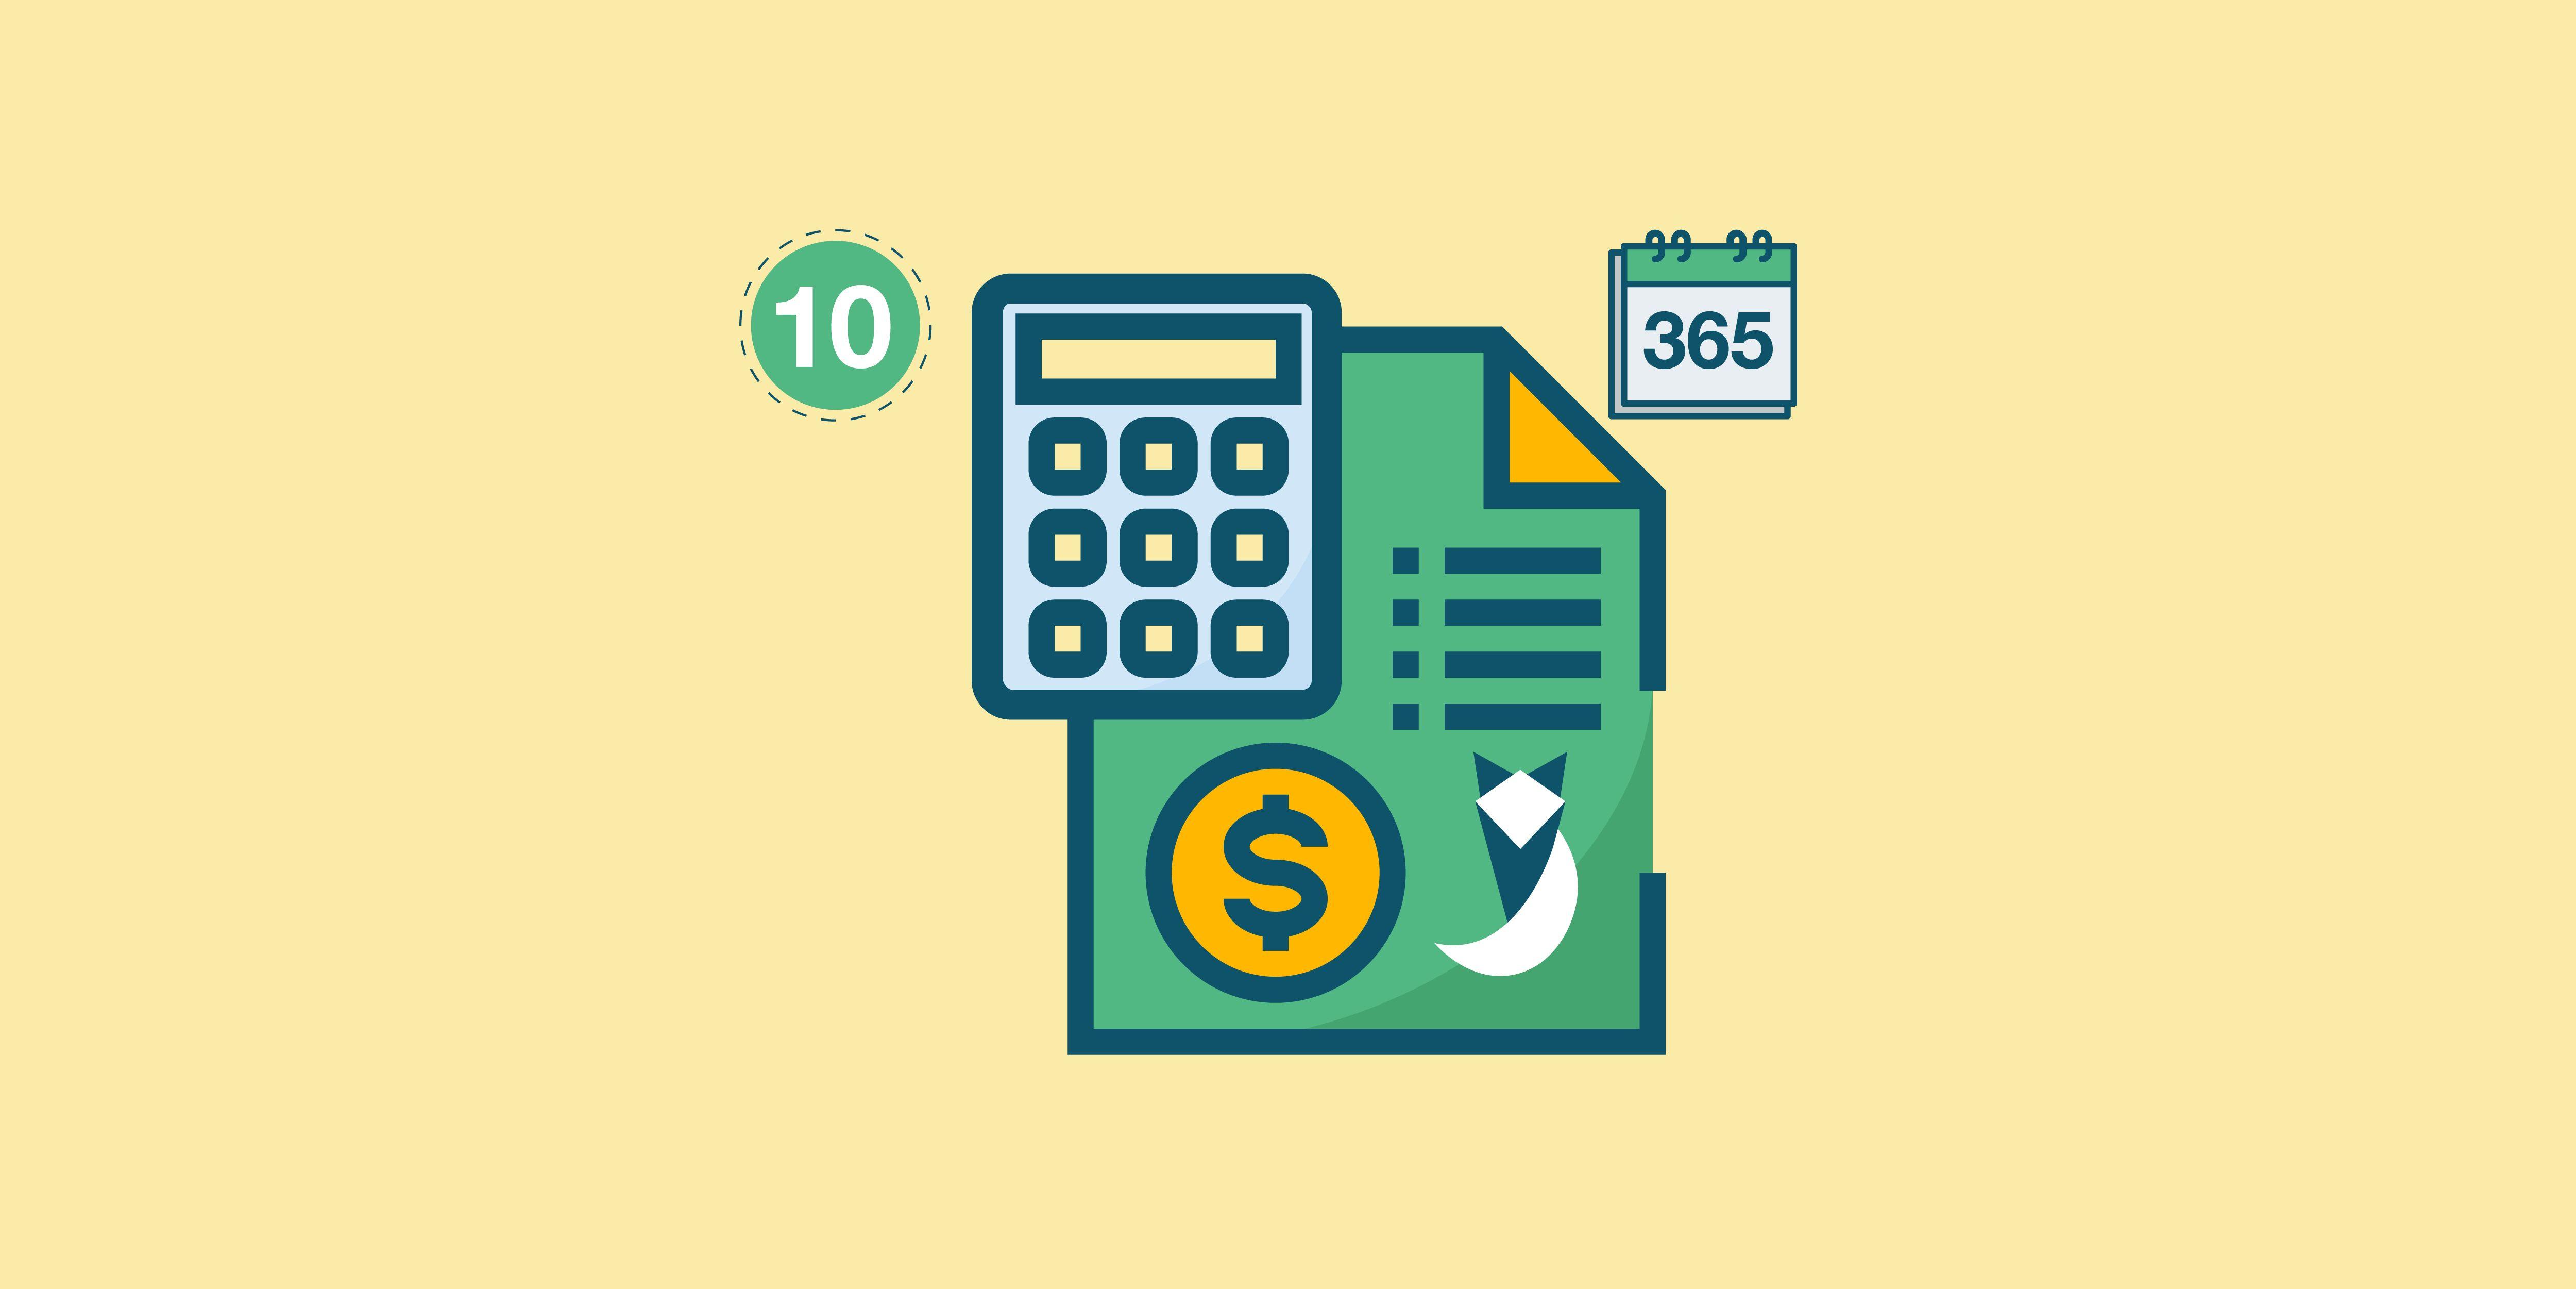 أعلى 5 حسابات توفير بنكية بعائد سنوي لشهر اكتوبر 2021